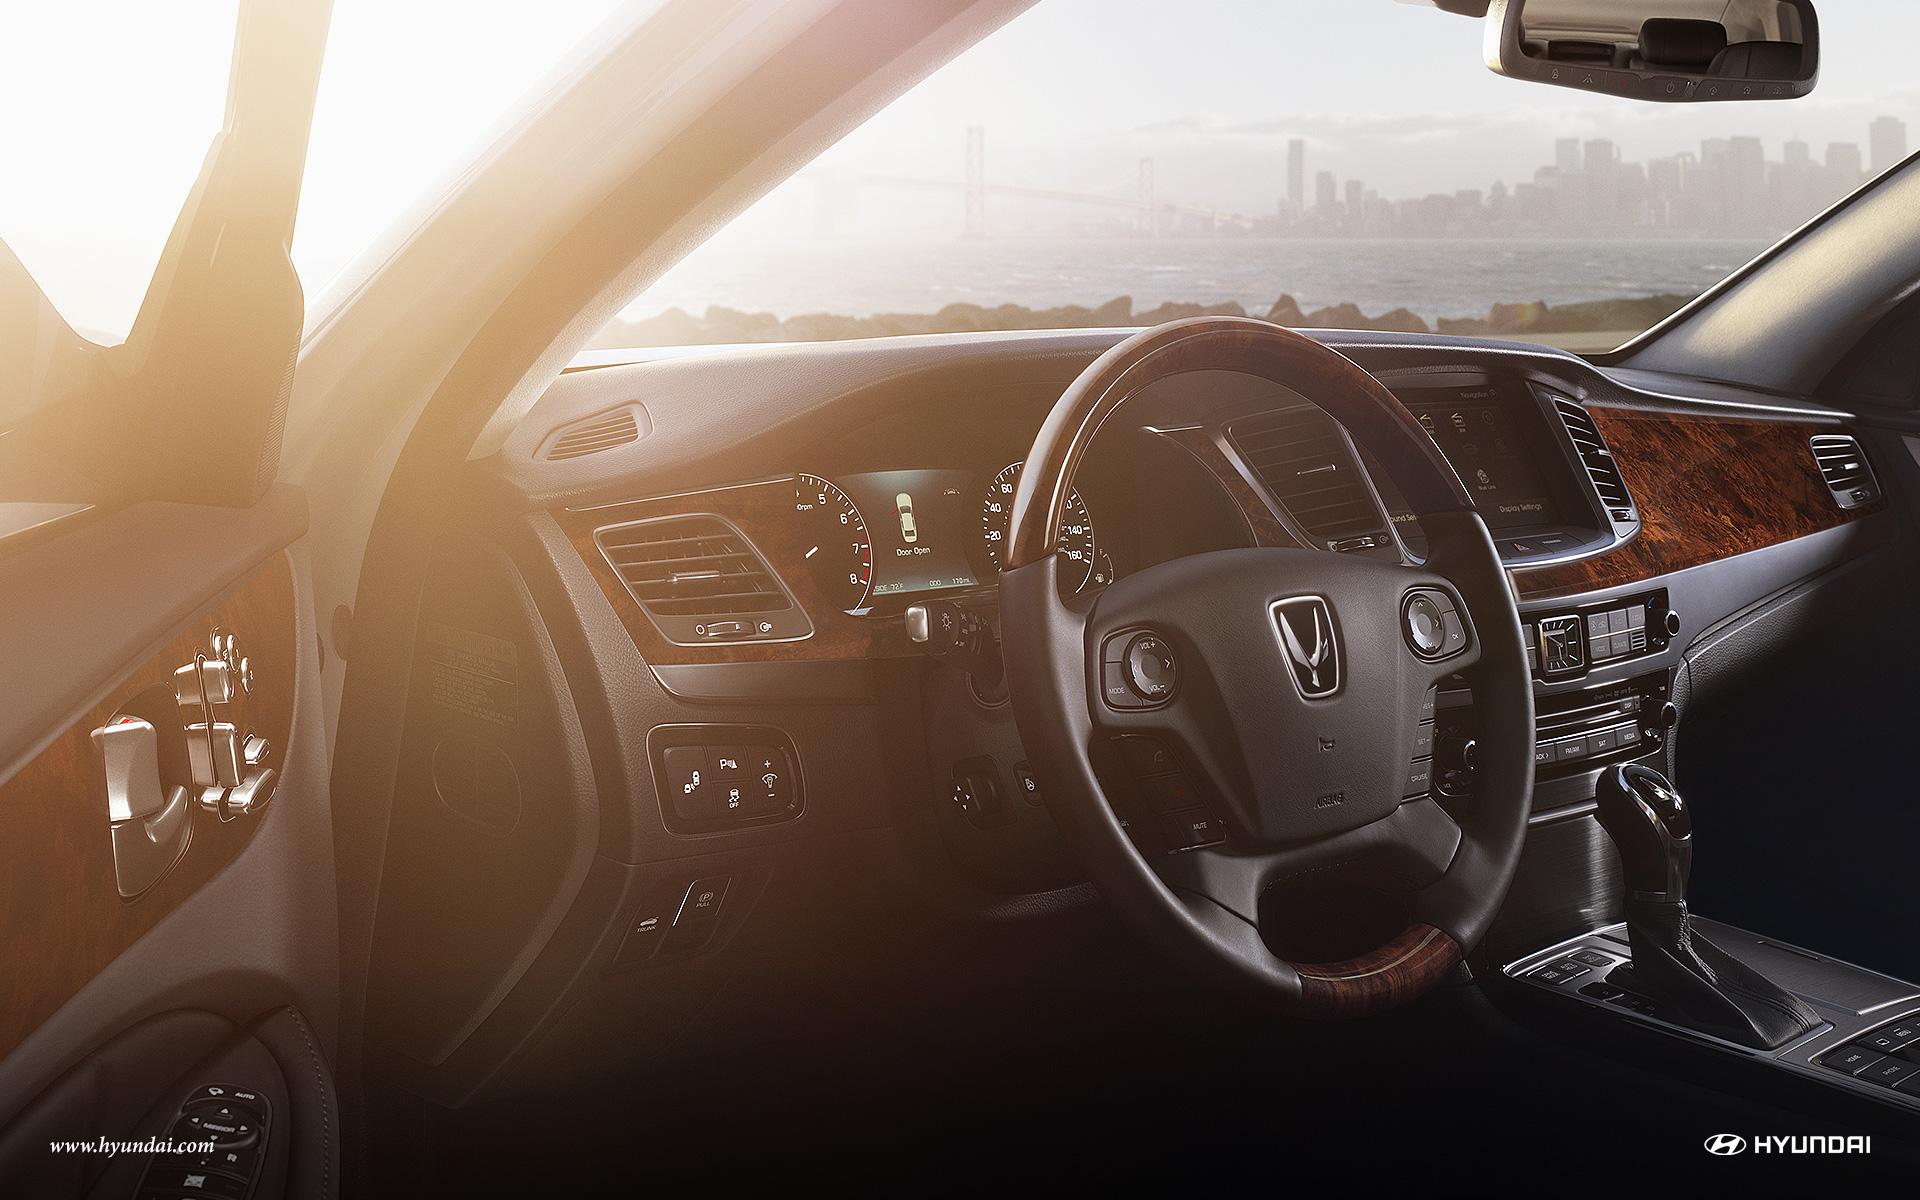 New Hyundai Equus Interior Features